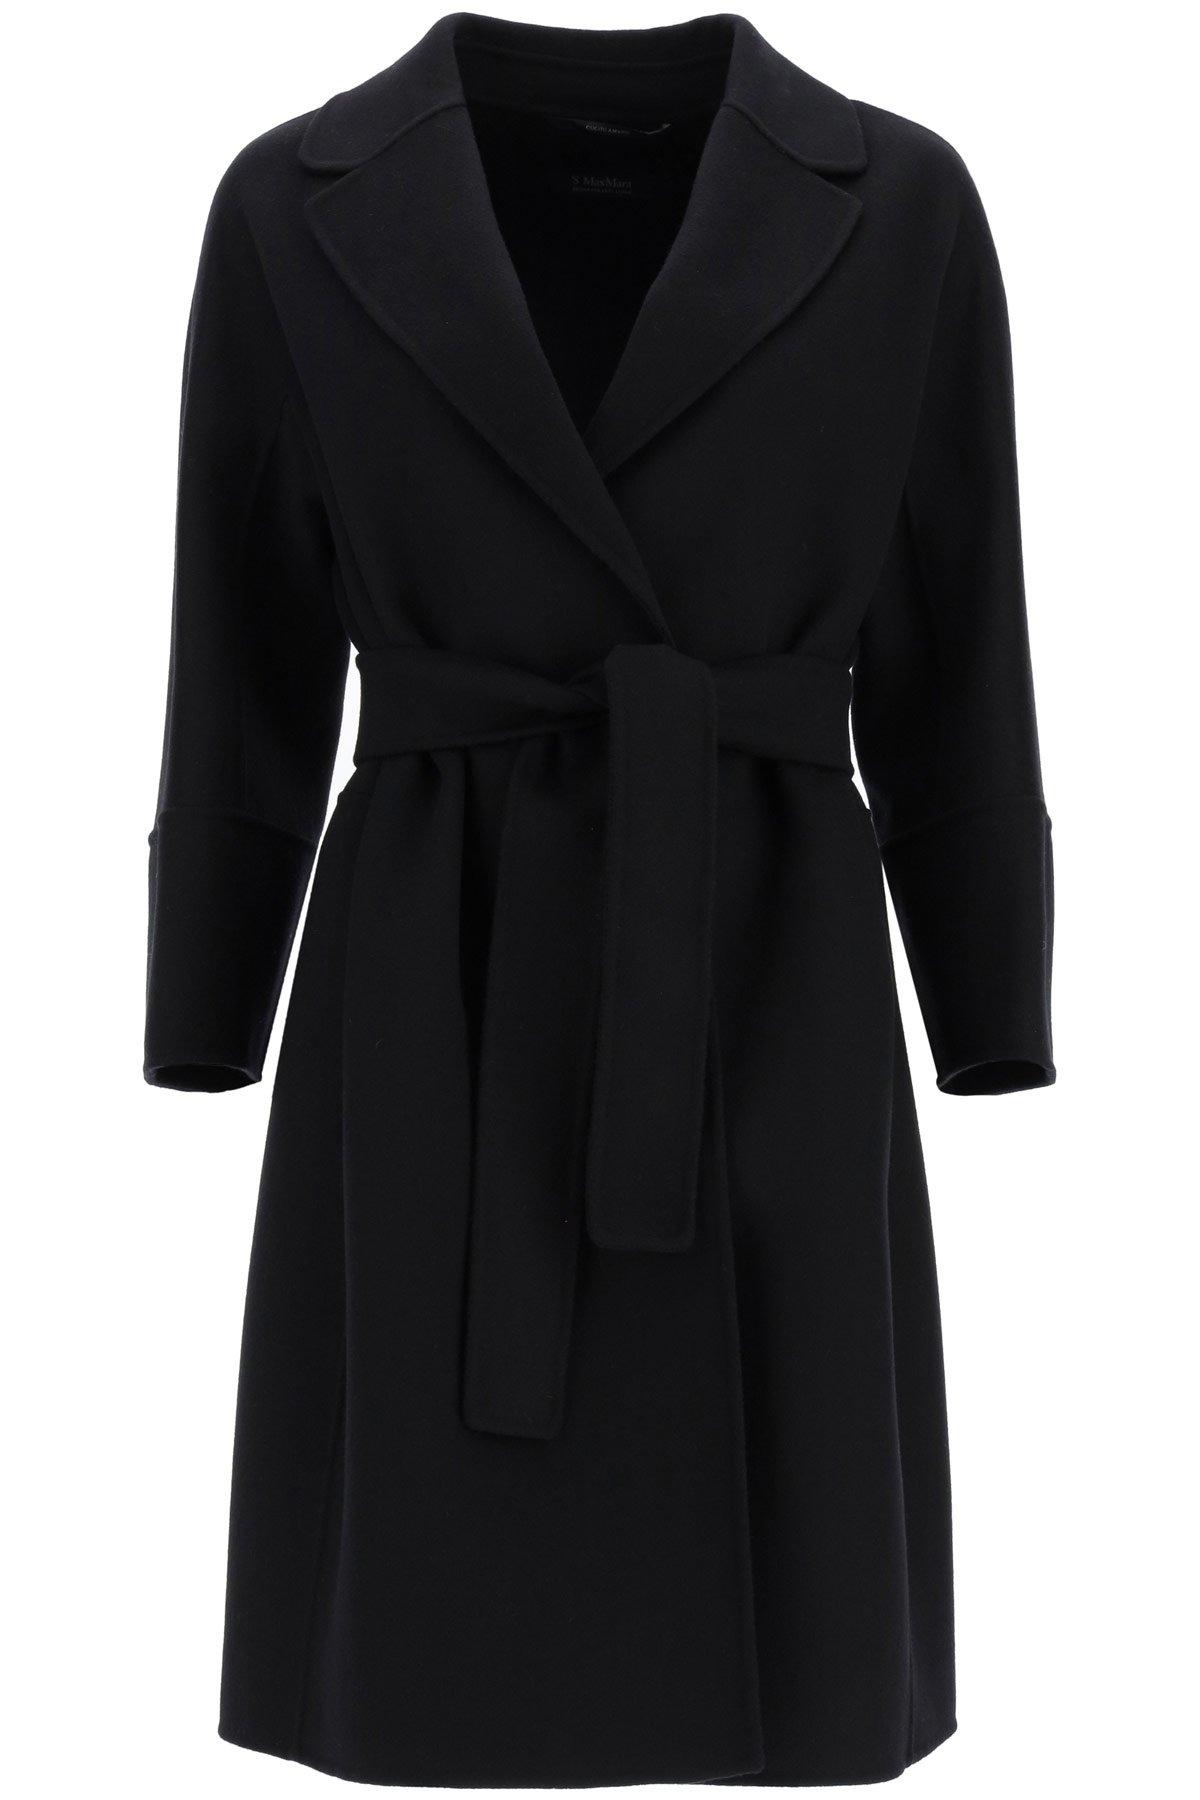 's max mara cappotto arona lana